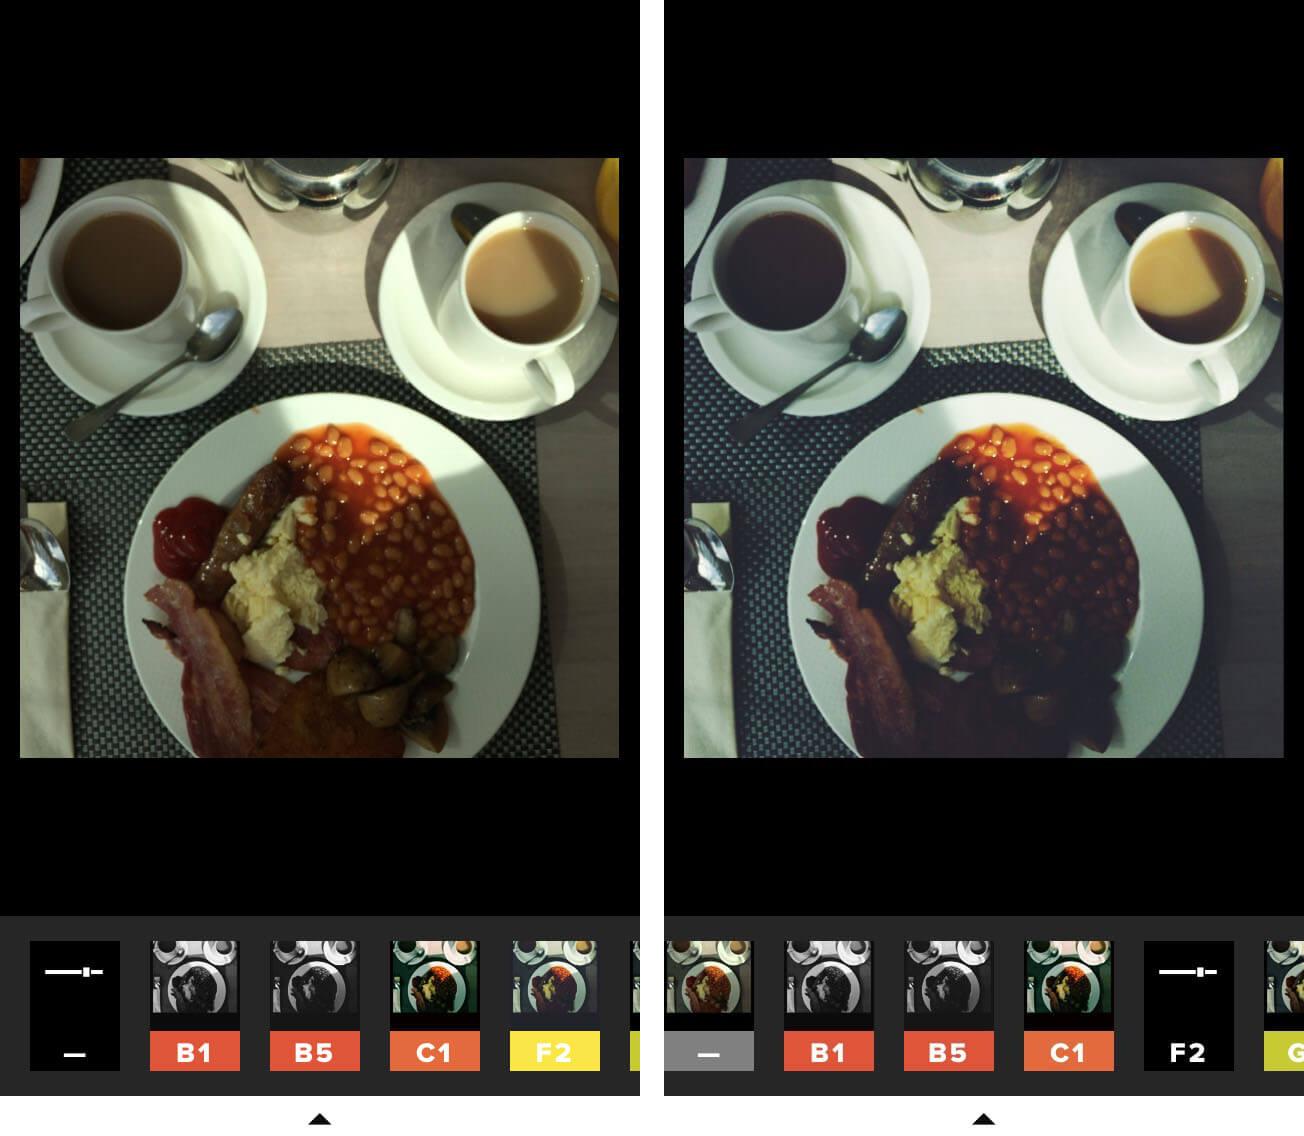 объединение эталон приложение для инста из фото делает картинку выберите одну